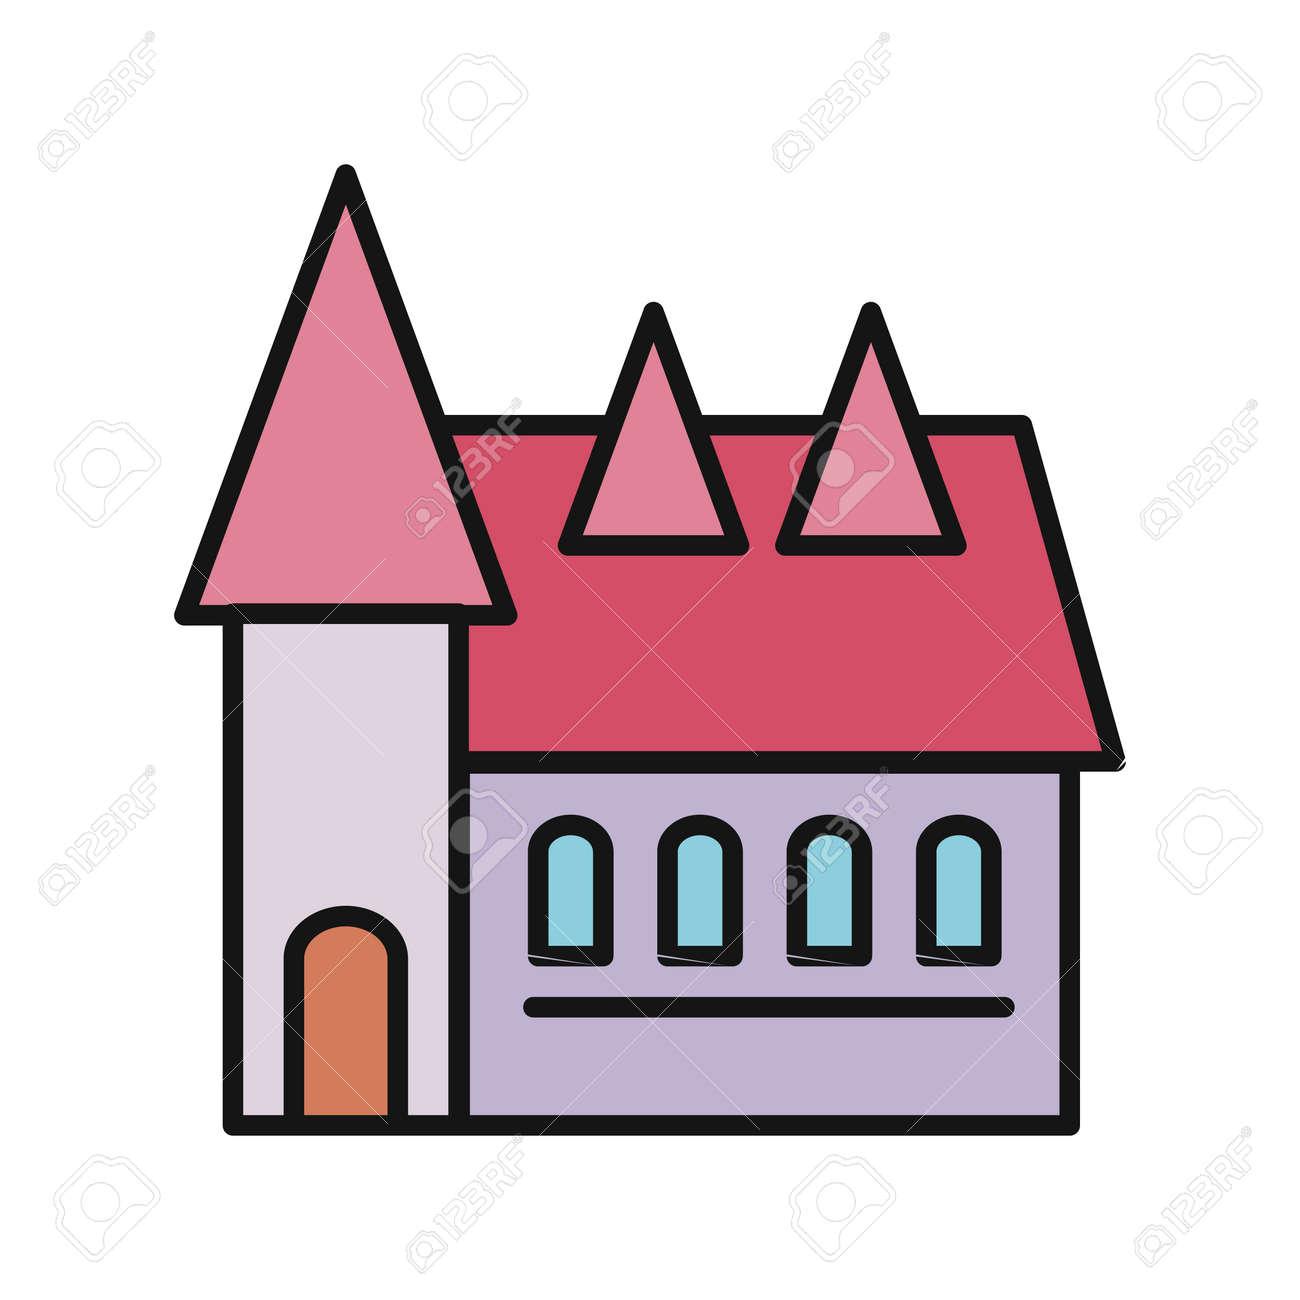 Immobilien-Konzept. Kleines Haus. Haussymbol. Isoliertes Haus. Haus ...